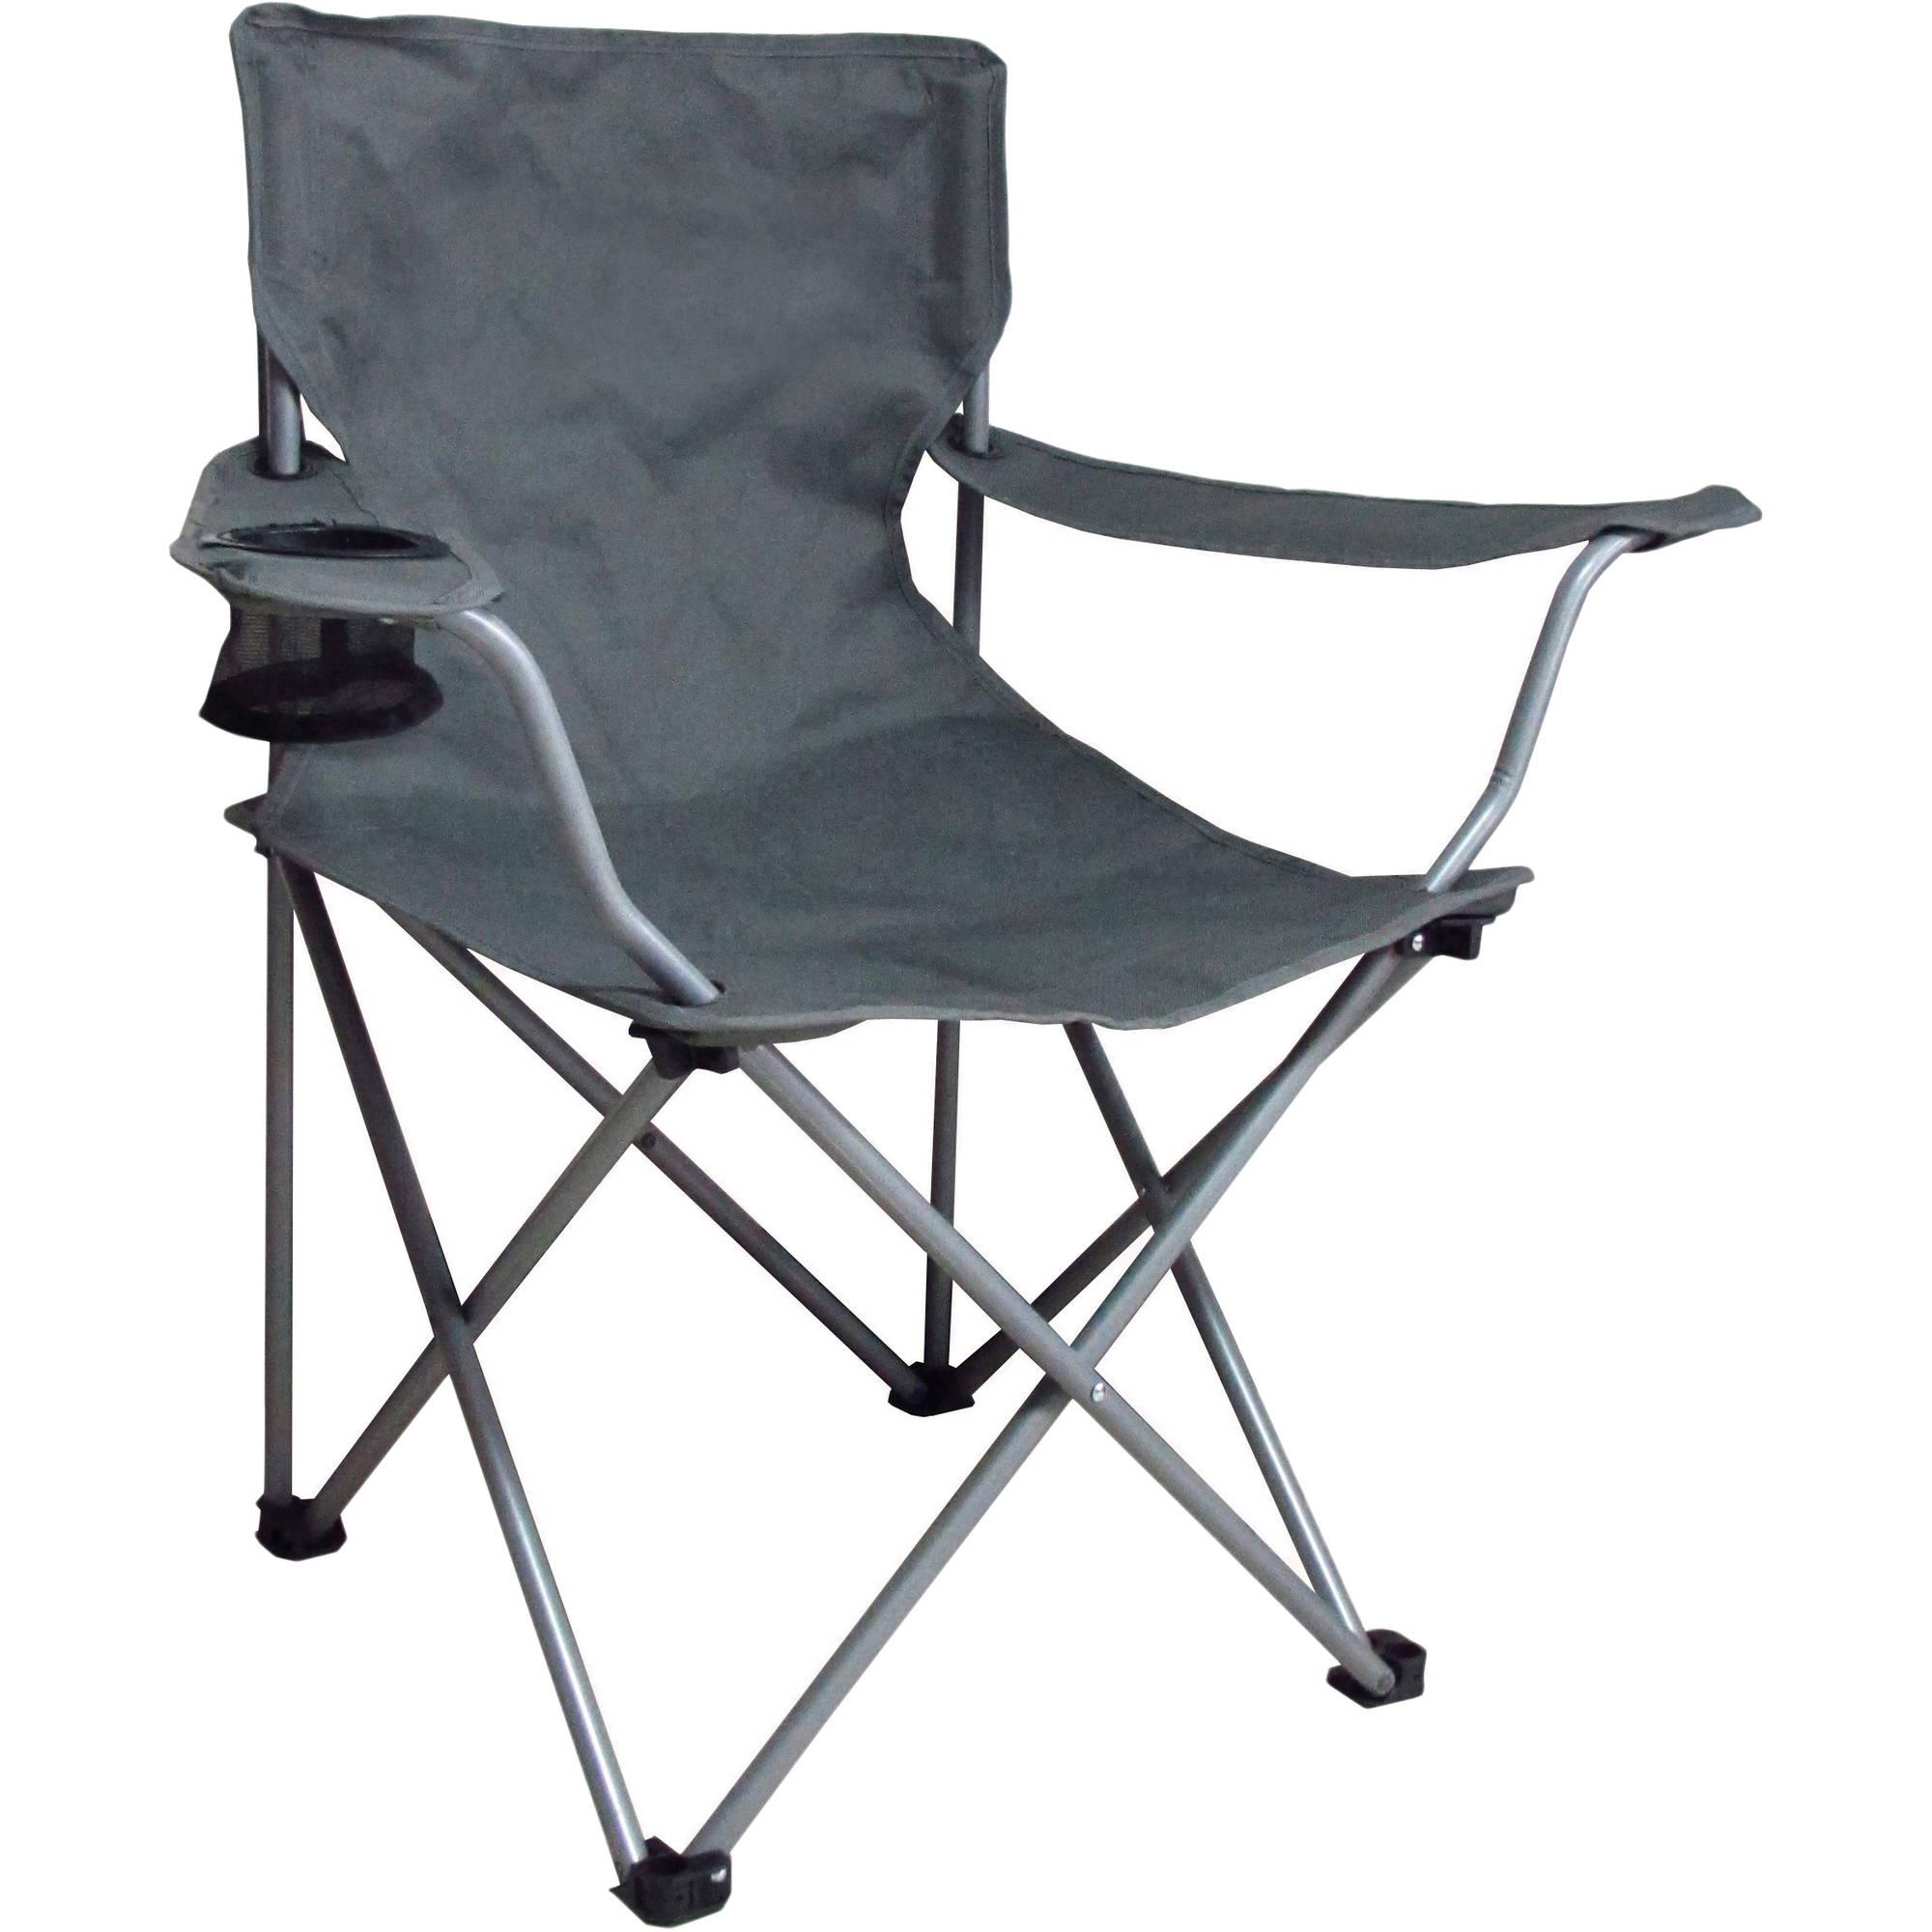 lawn chairs ozark trail folding chair ADADESL